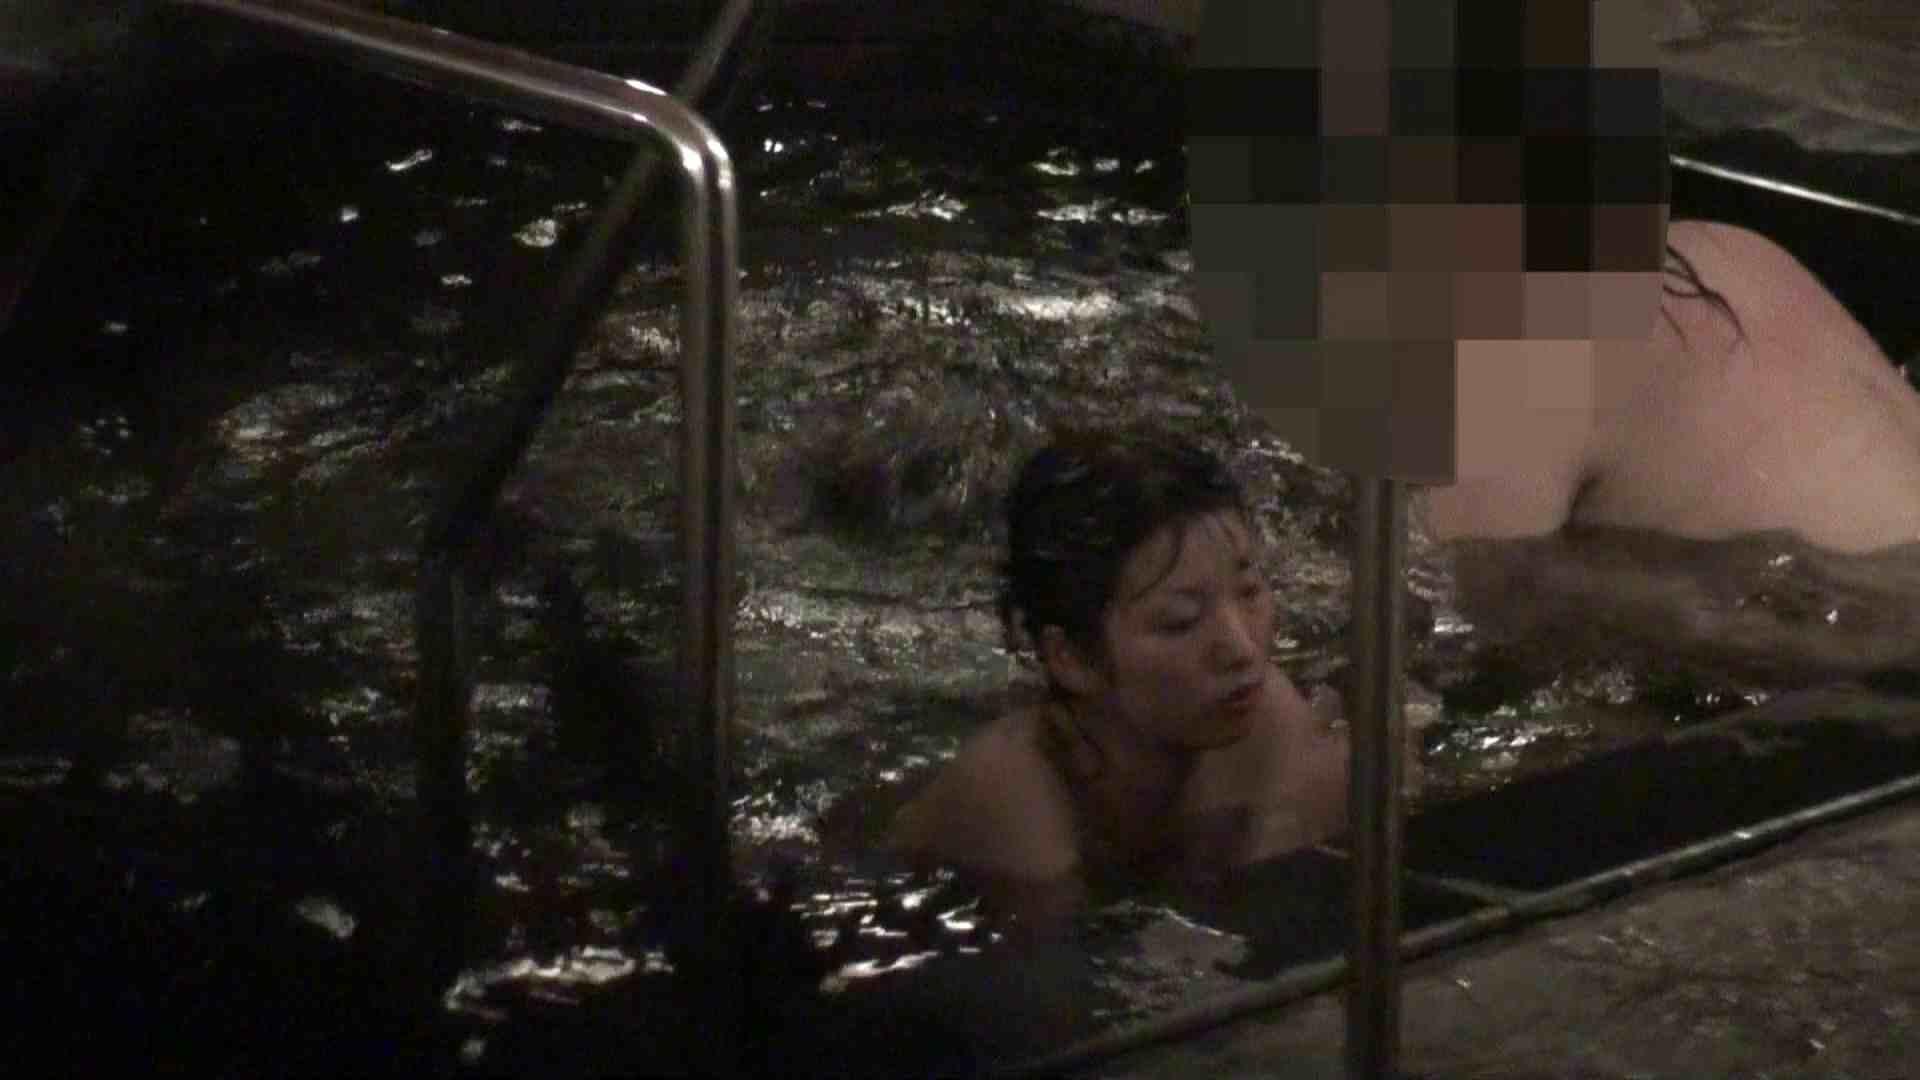 Aquaな露天風呂Vol.379 盗撮 | 綺麗なOLたち  52枚 19